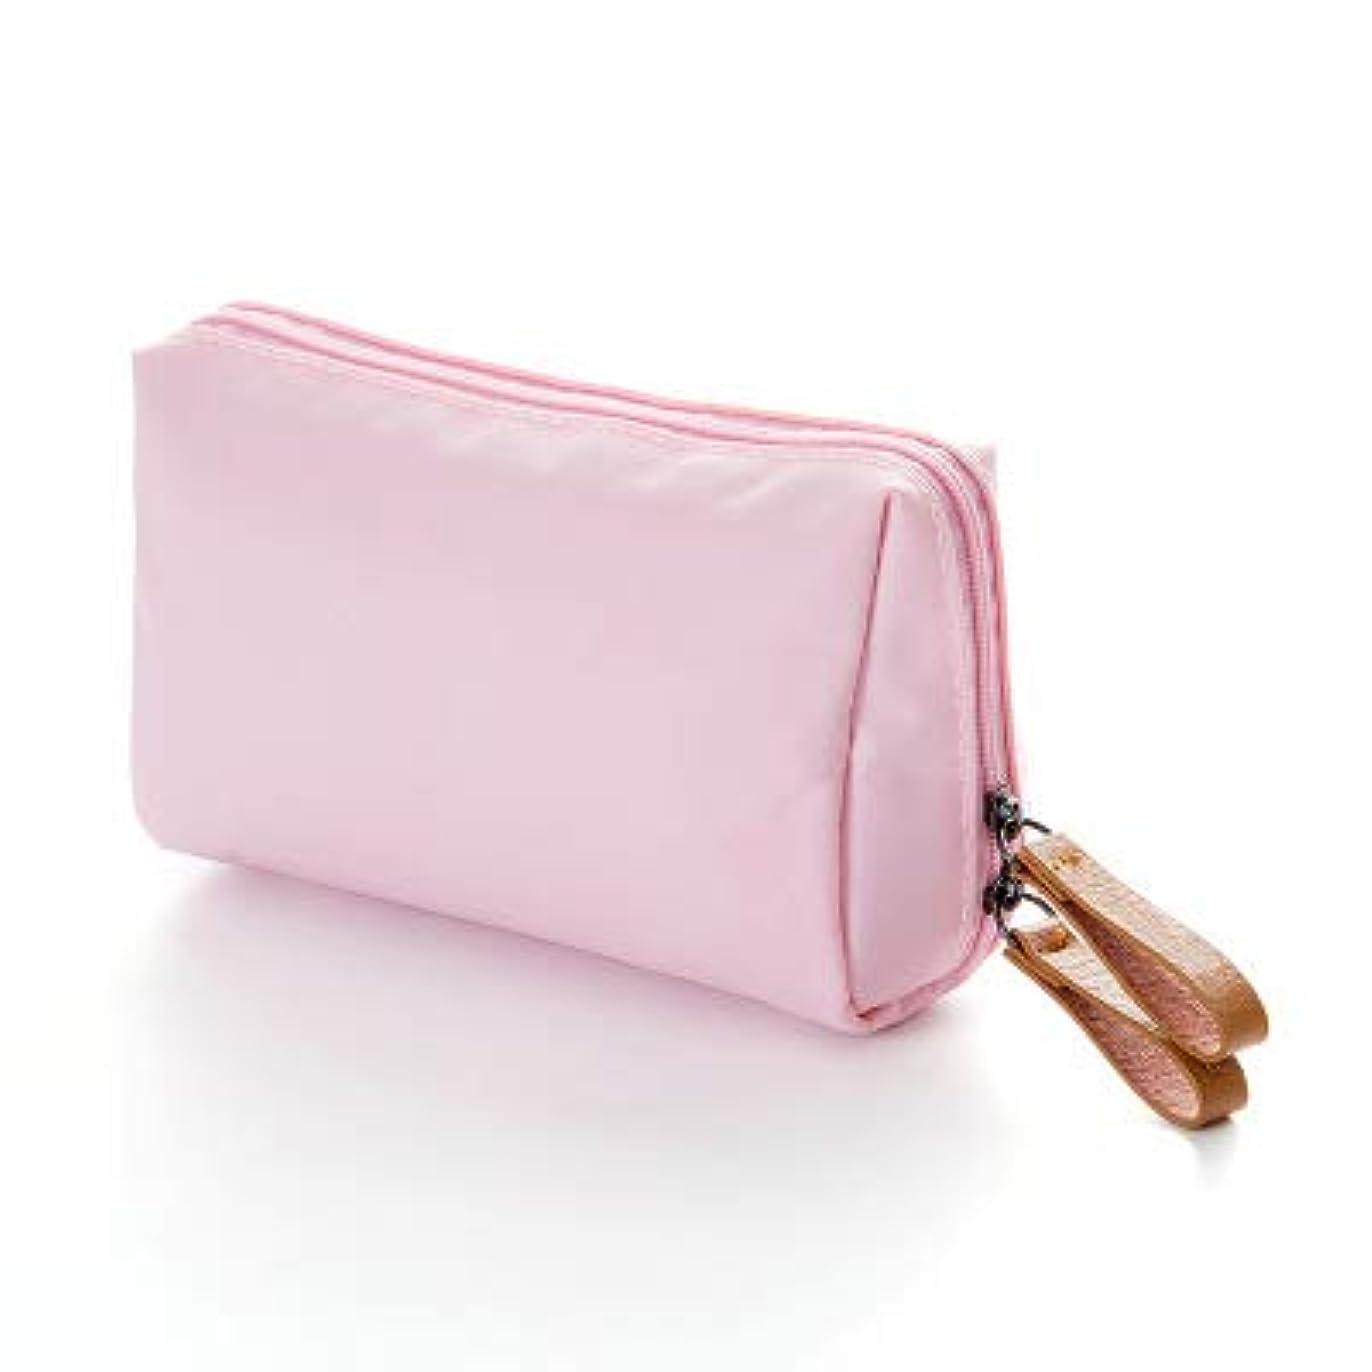 付属品ヒール感じるKI¢KI 仕切りポケットつき メイクポーチ 軽くてコンパクト (ピンク)